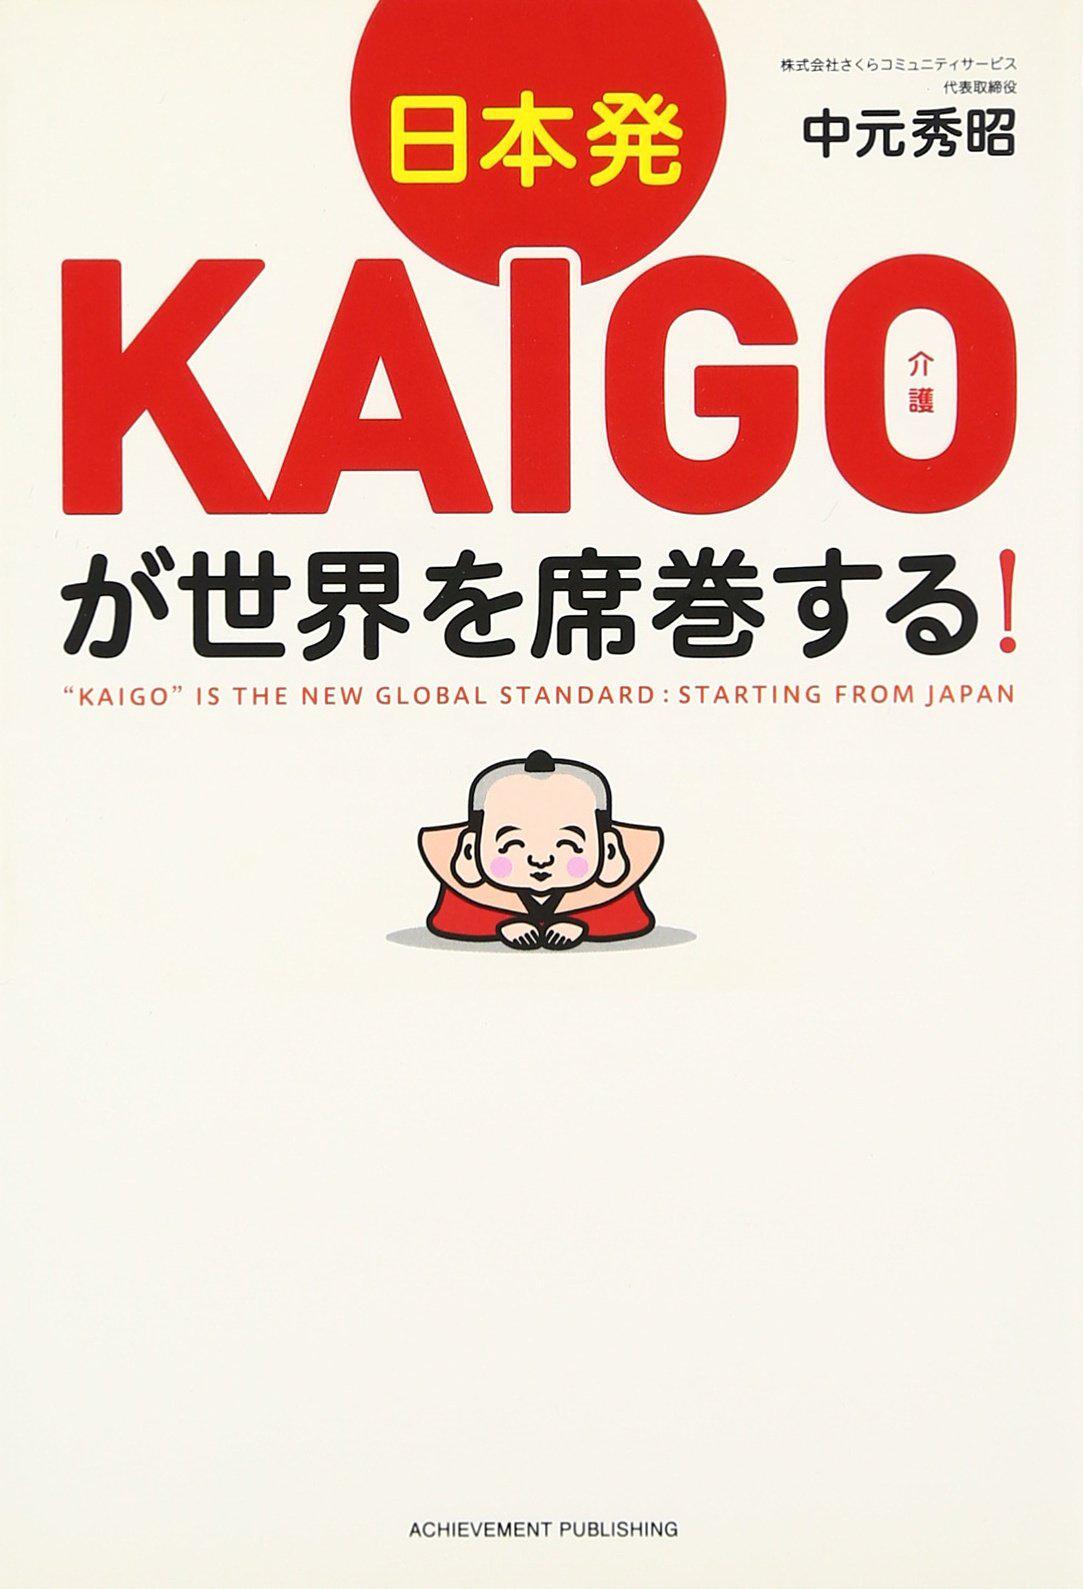 日本発KAIGO(介護)が世界を席巻する!の画像1